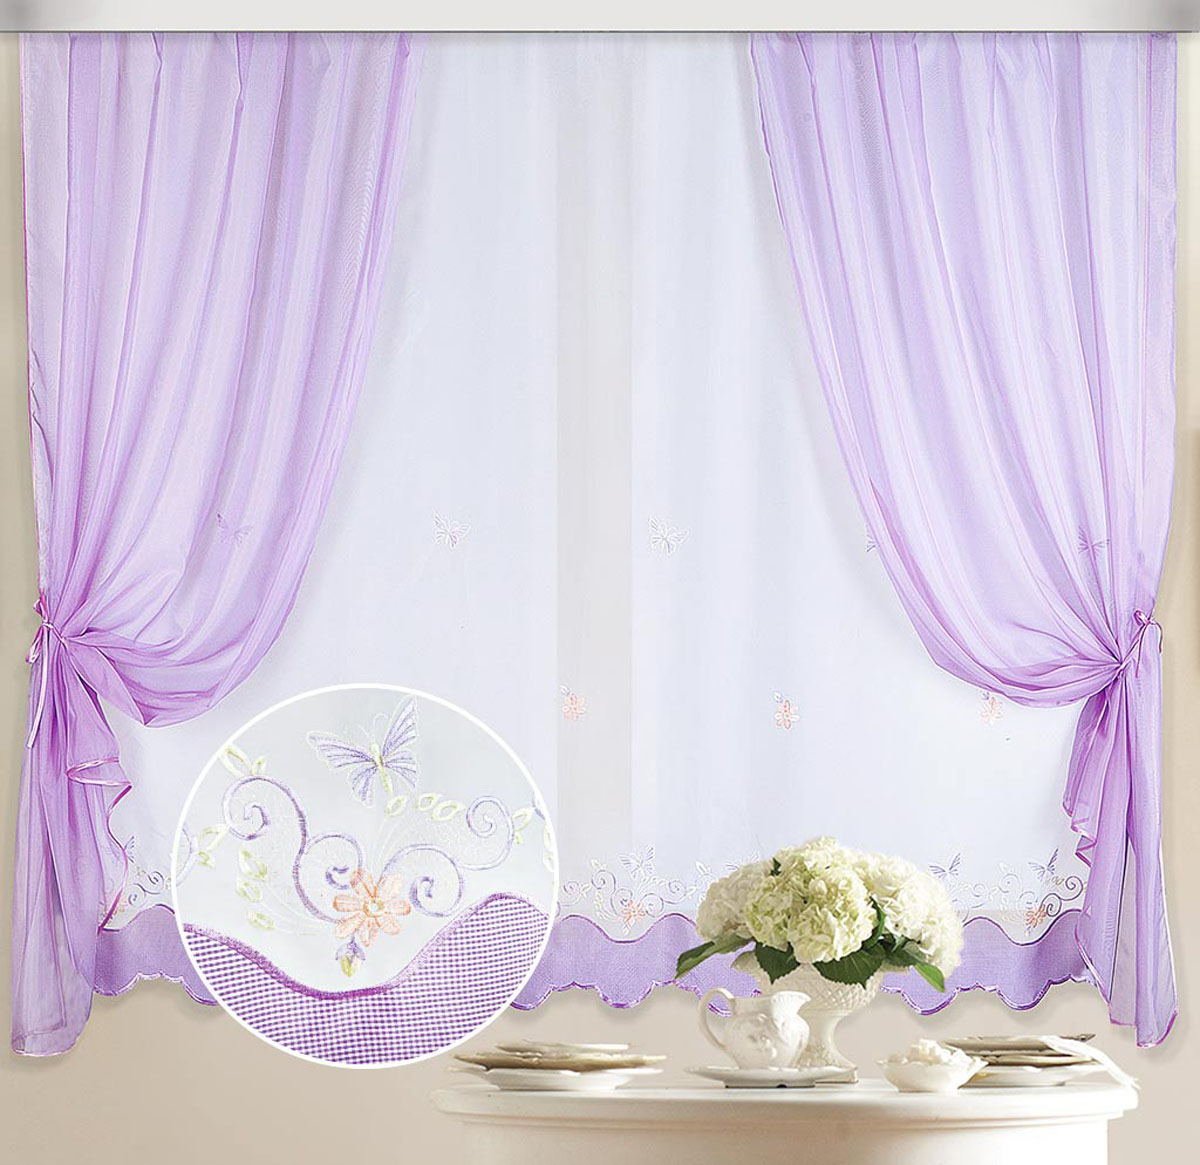 Комплект штор Бабочка, на ленте, цвет: белый, сиреневый, высота 170 см шторы томдом классические шторы вольтер к цвет бирюзовый